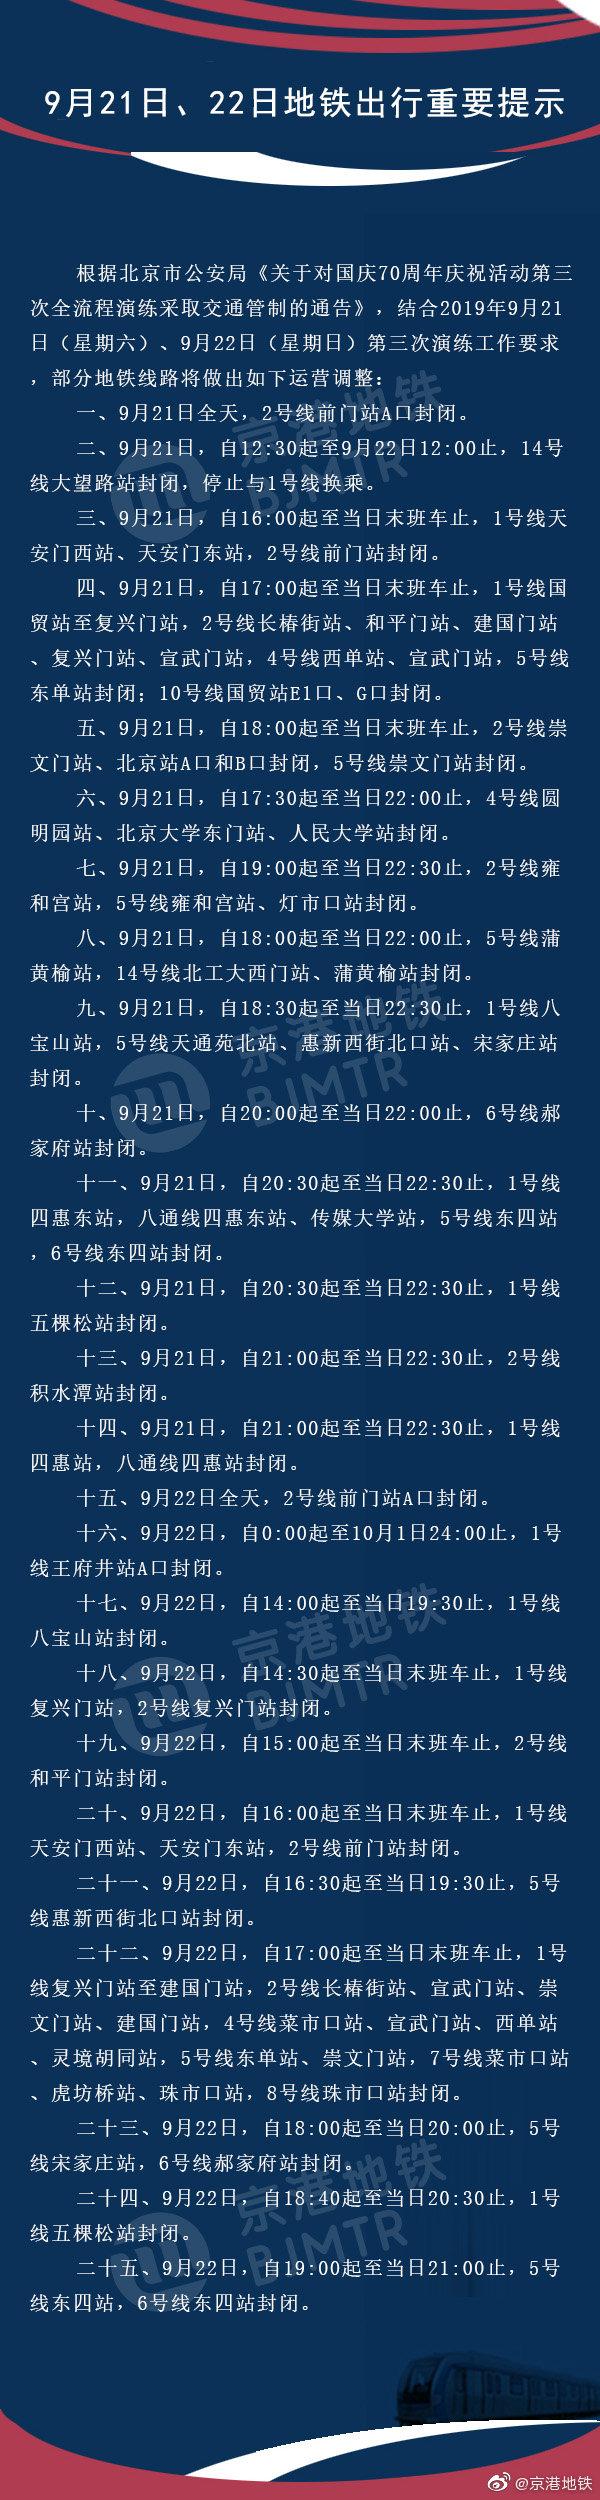 http://www.hljold.org.cn/shehuiwanxiang/251479.html